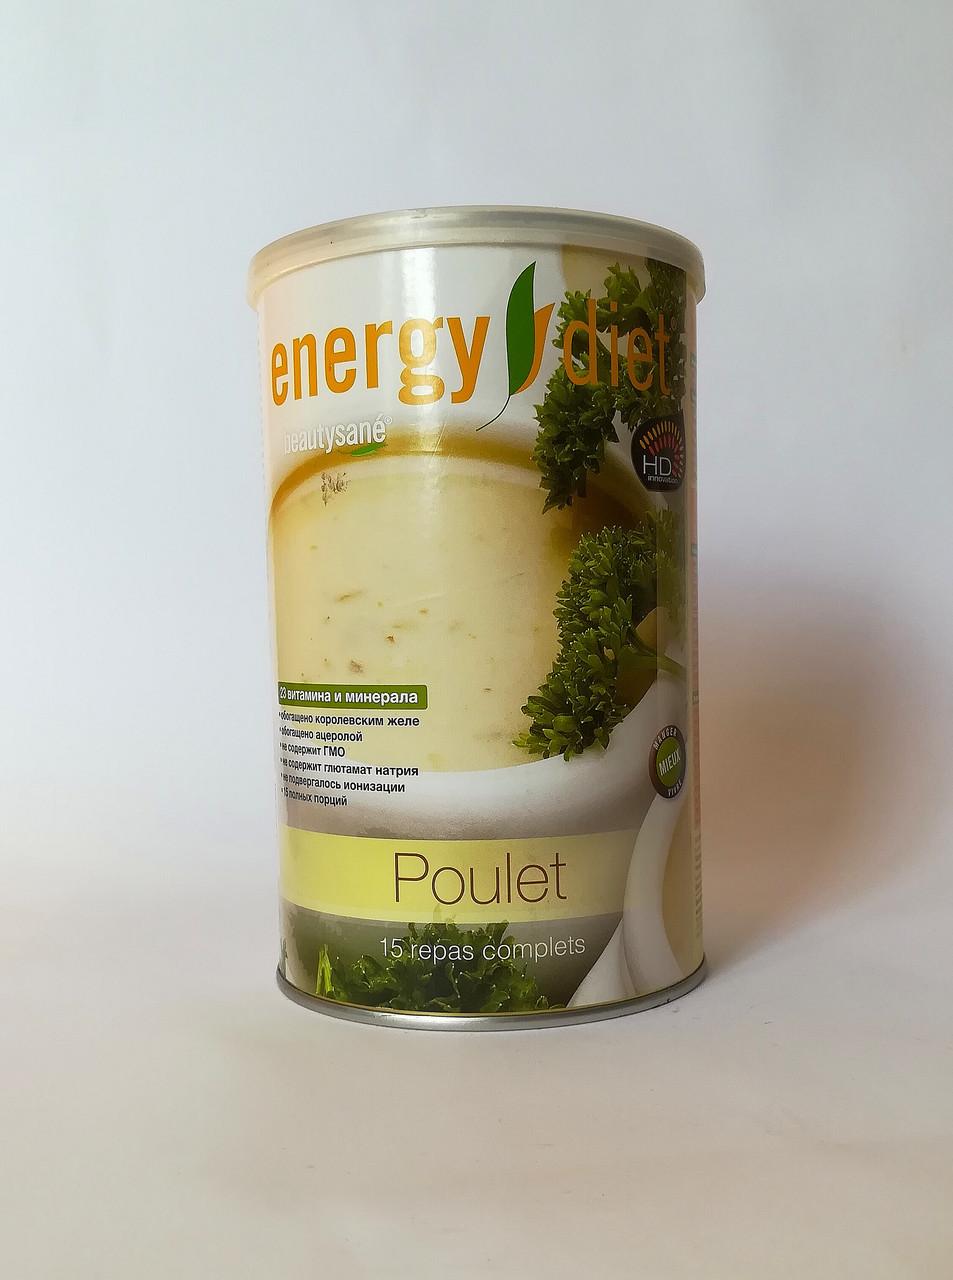 Коктейль сбалансированное питание Energy Diet HD Куринный суп 450 г (1134)